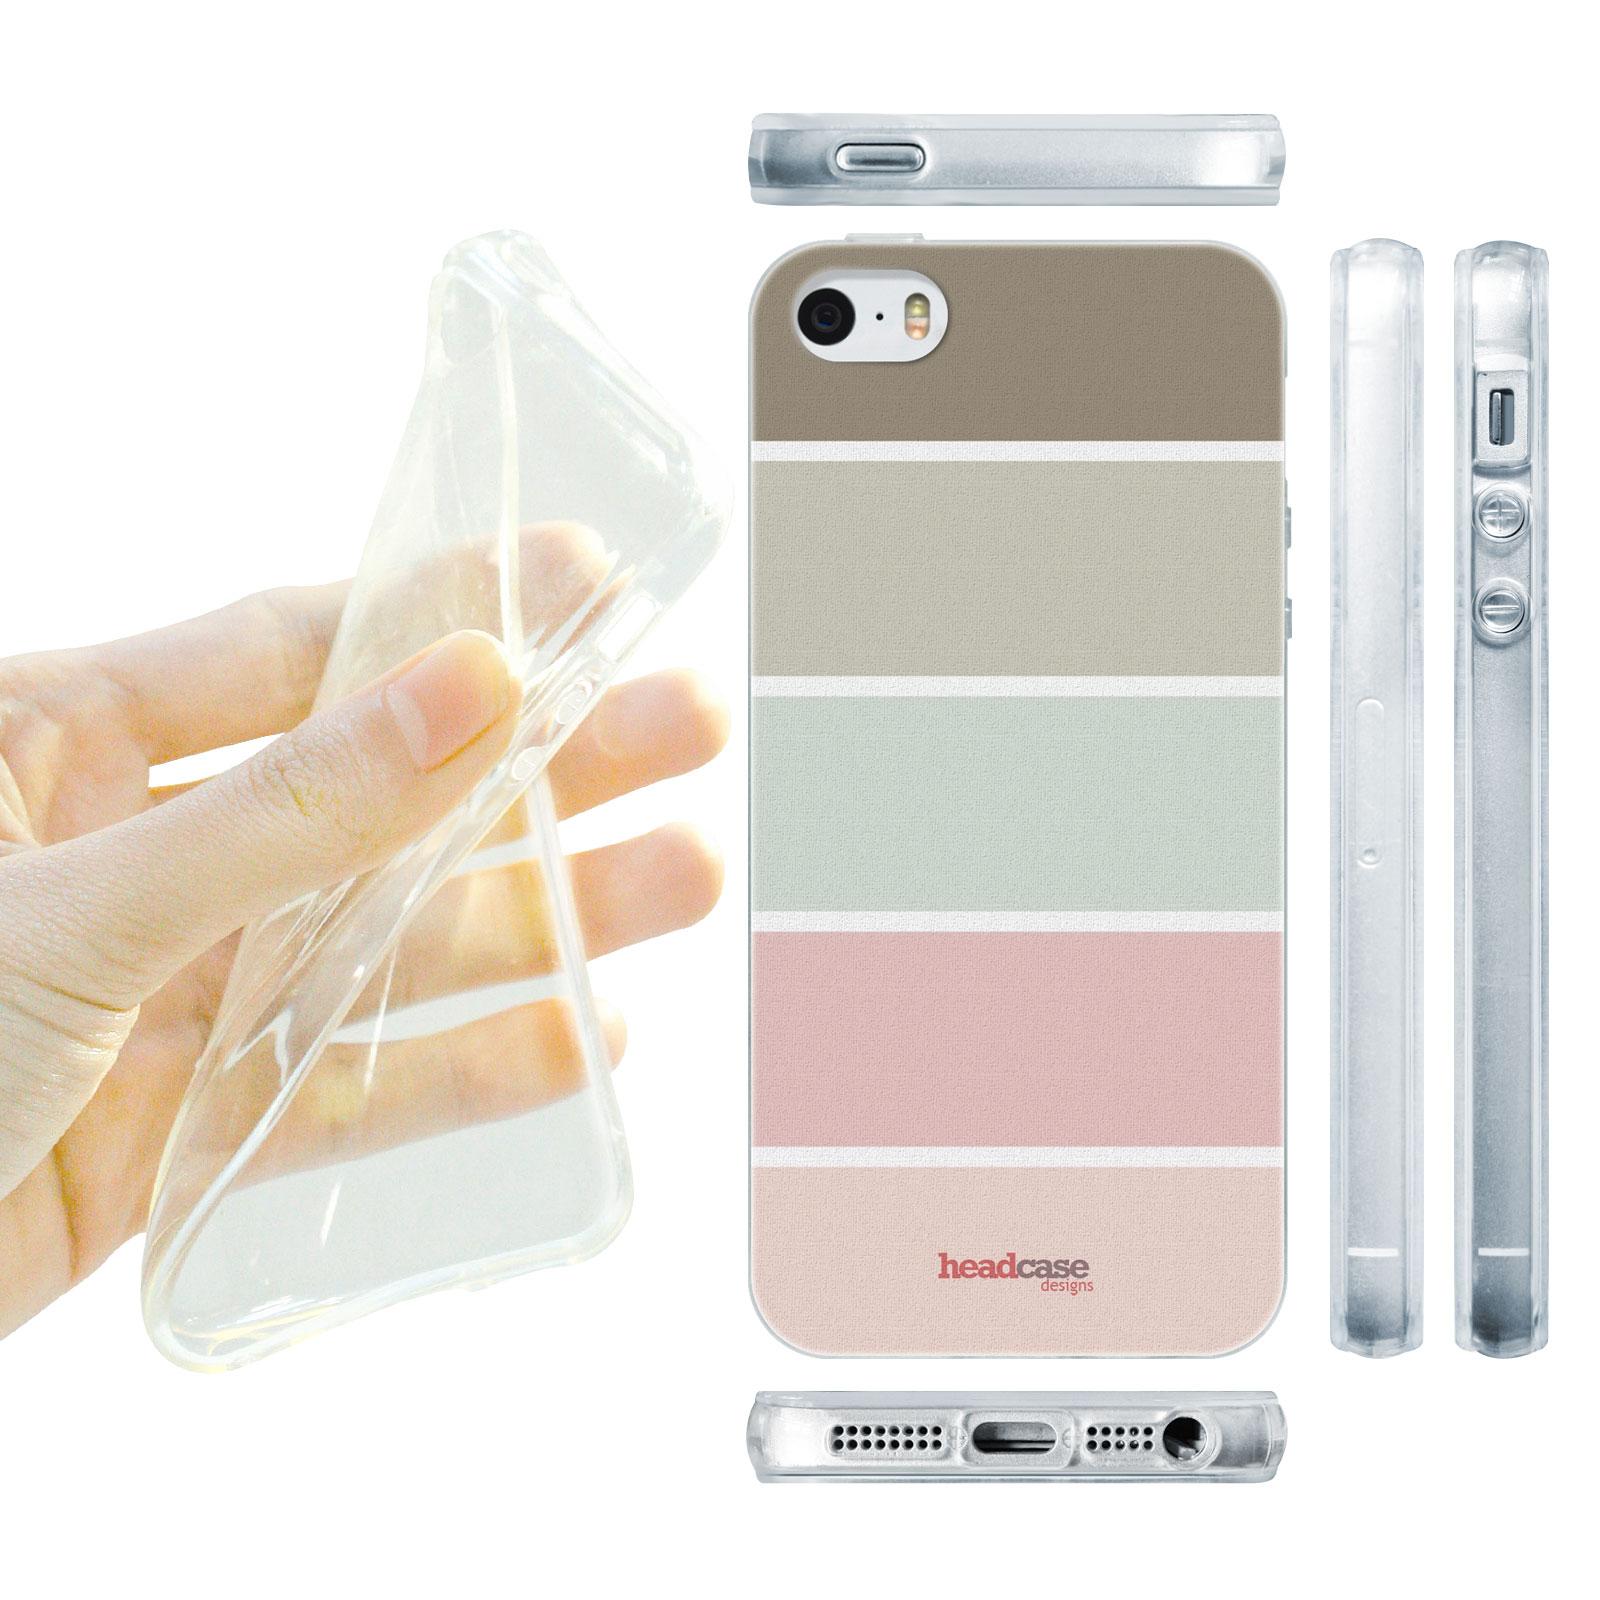 HEAD CASE silikonový obal na mobil Iphone 5 5S francouzský venkov barevné  pruhy d862b07ea61